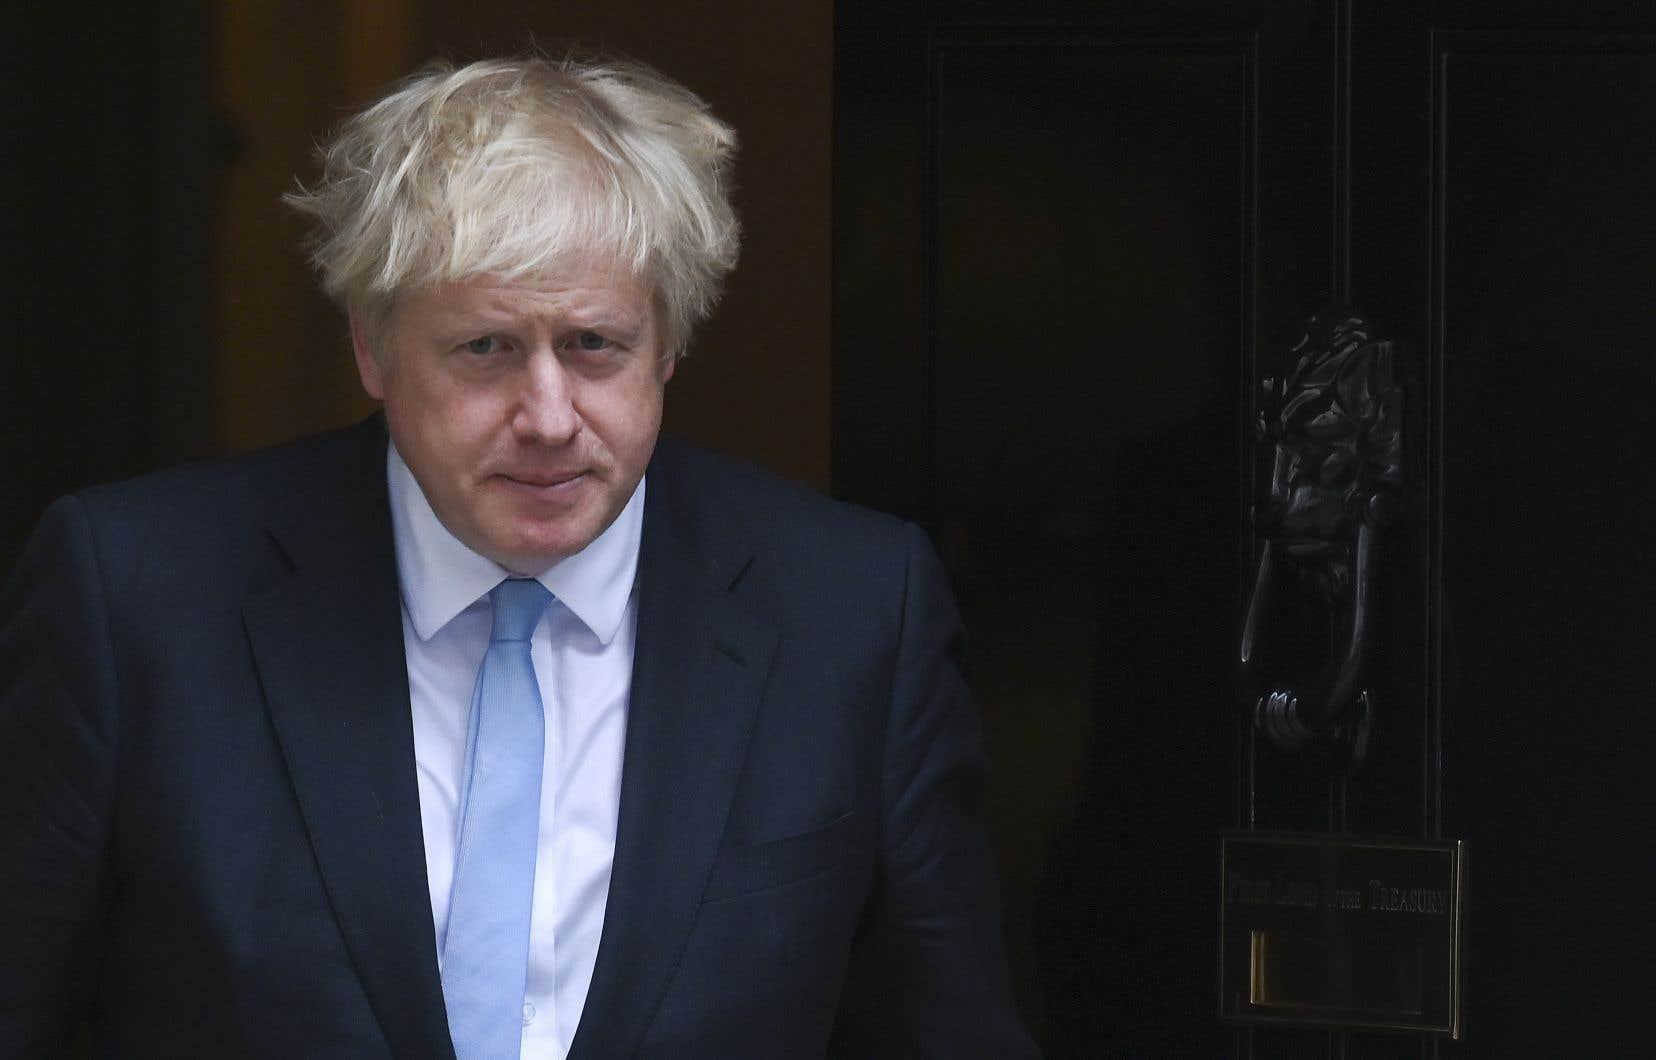 Boris Johnson, qui préférerait «mourir au fond d'un fossé» plutôt que de repousser le Brexit, espère que l'opposition approuve sa demande d'organiser des élections anticipées mi-octobre, afin de se donner une majorité pour sortir de l'UE le 31octobre.